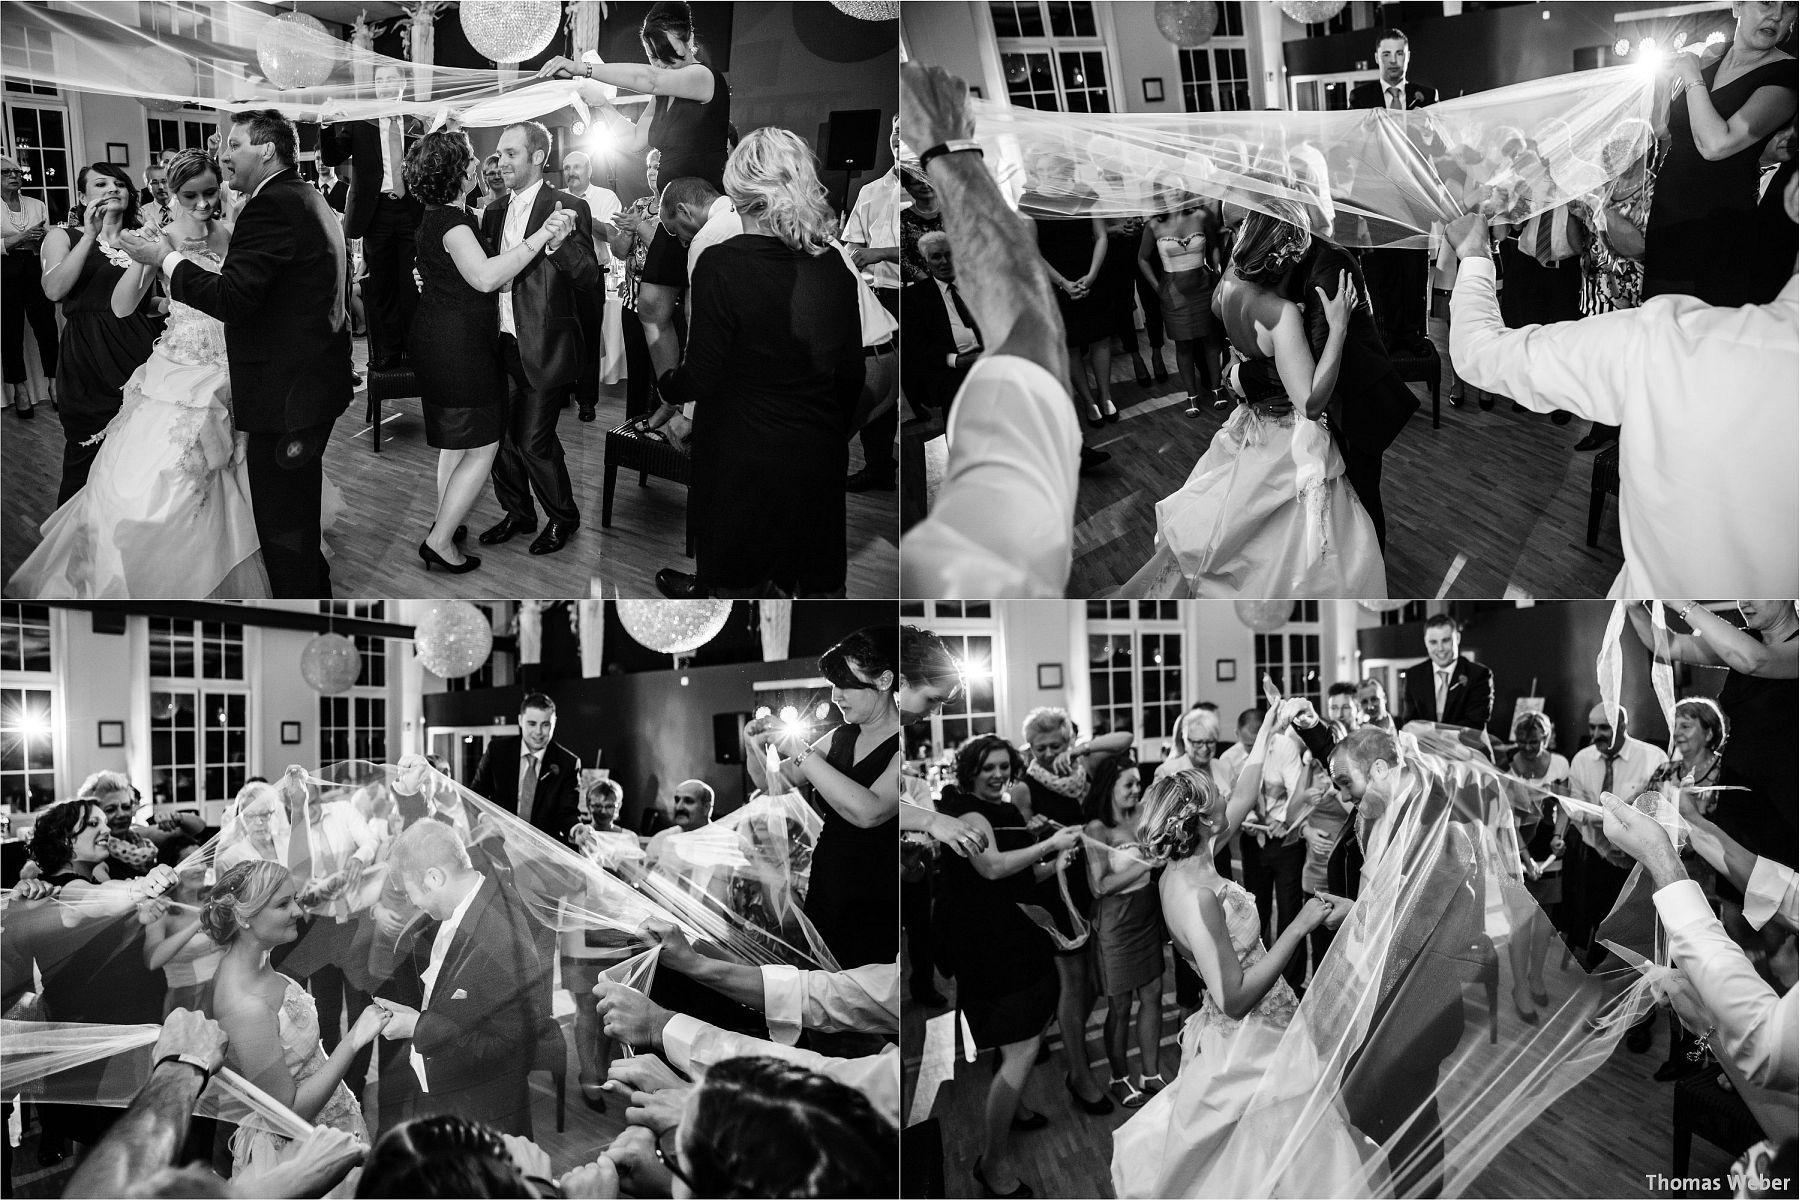 Hochzeitsfotograf Papenburg: Standesamtliche Trauung auf der Burg Kniphausen und Feier im Le Patron am Meer (70)